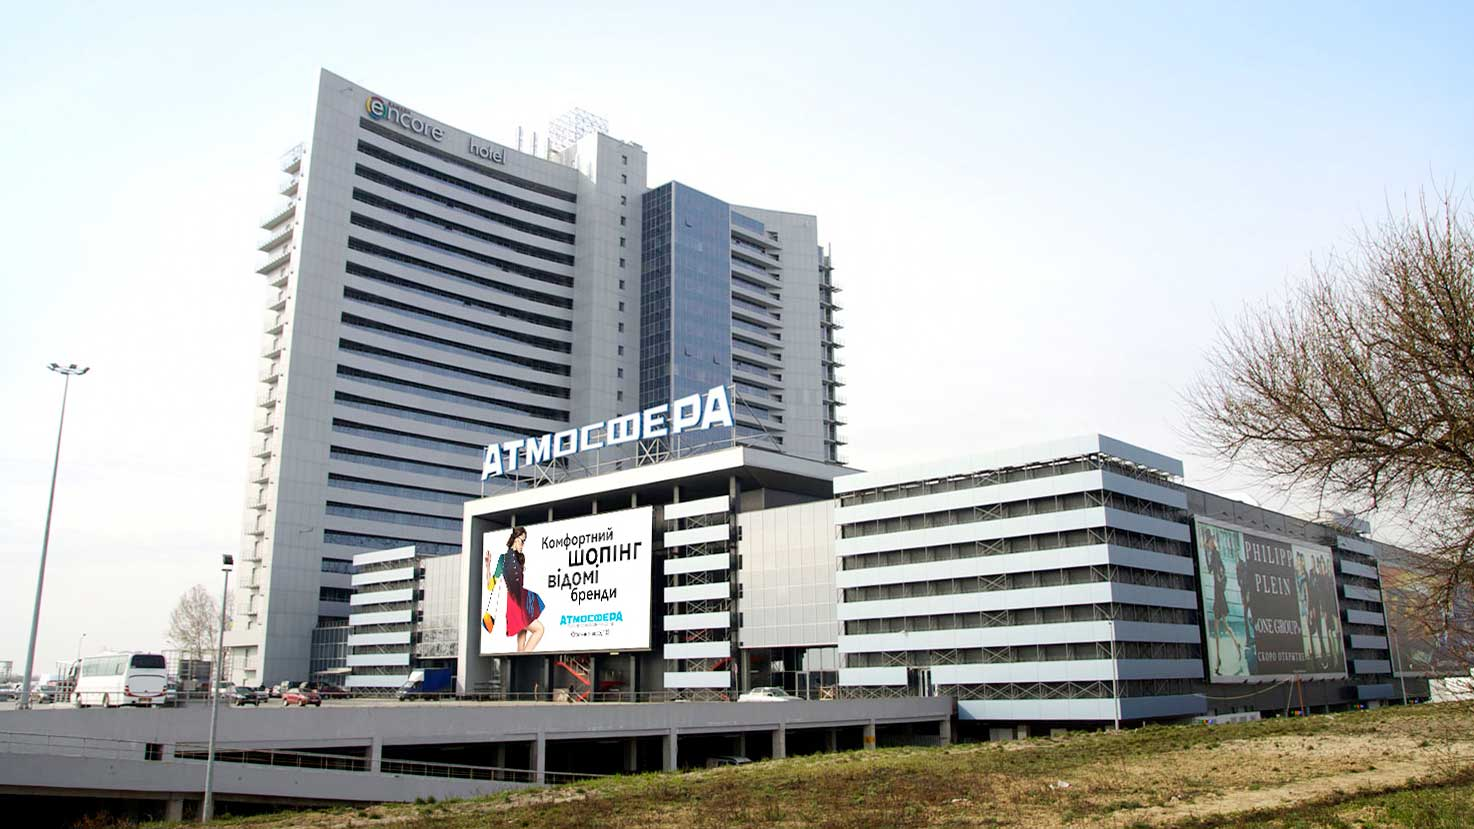 ТРЦ«Атмосфера» Строительнаякомпания«Riola»